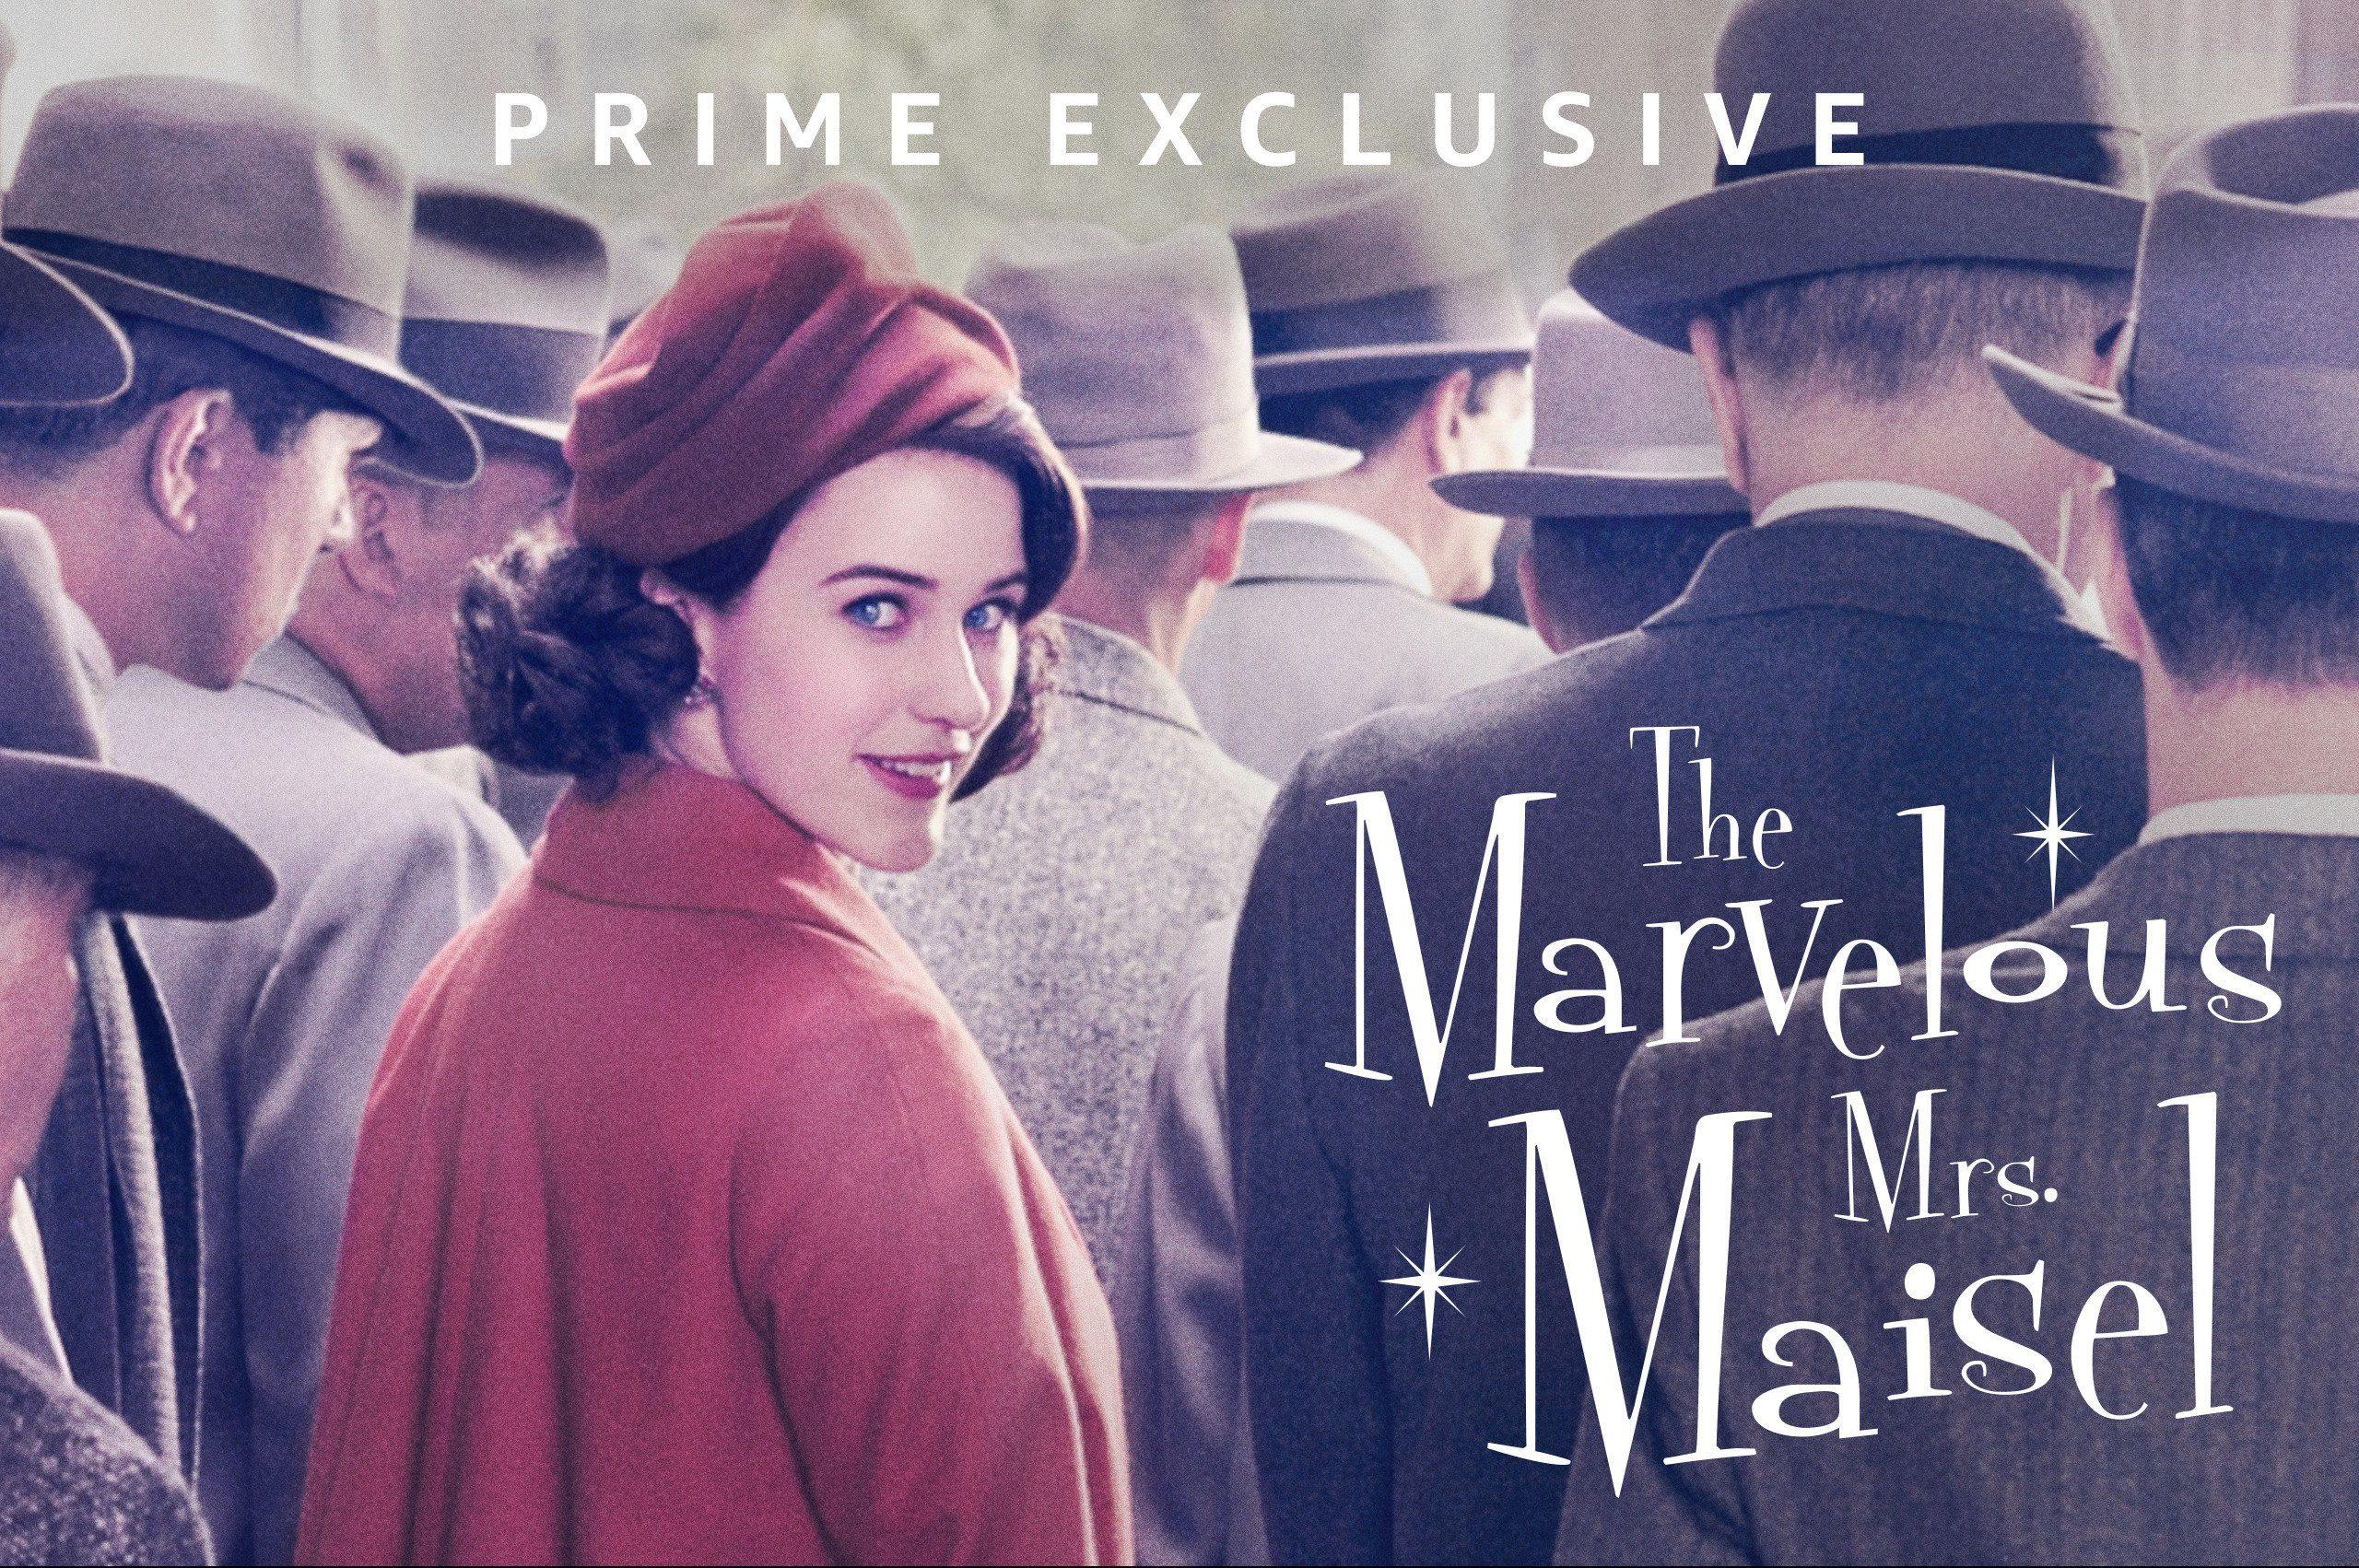 Marvelous Mrs. Maisel